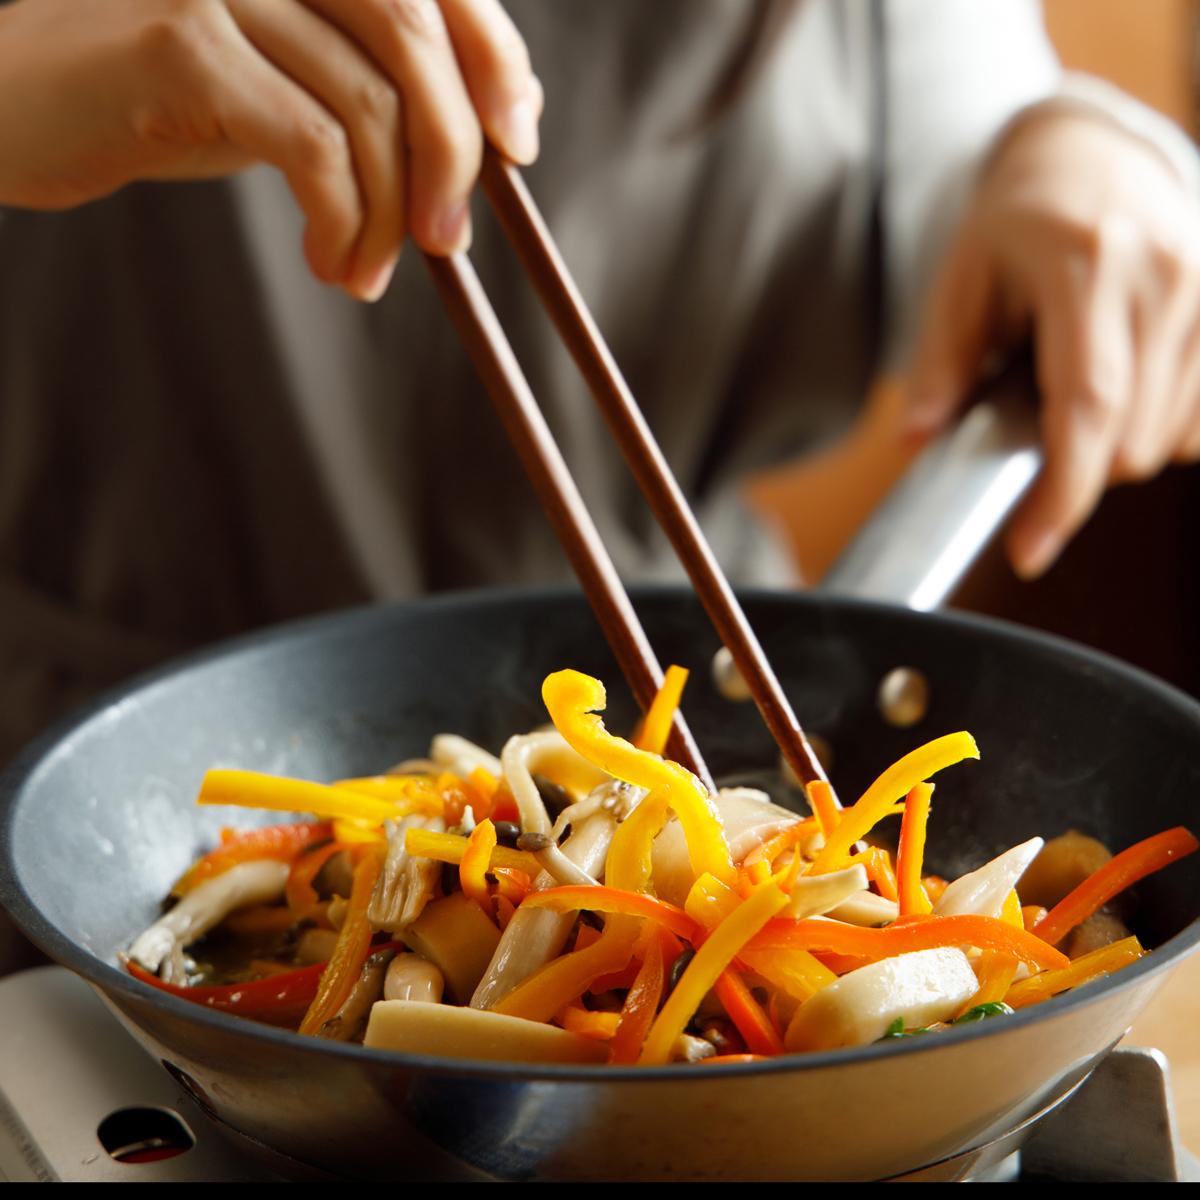 두부현미떡으로 만든 잡채 요리